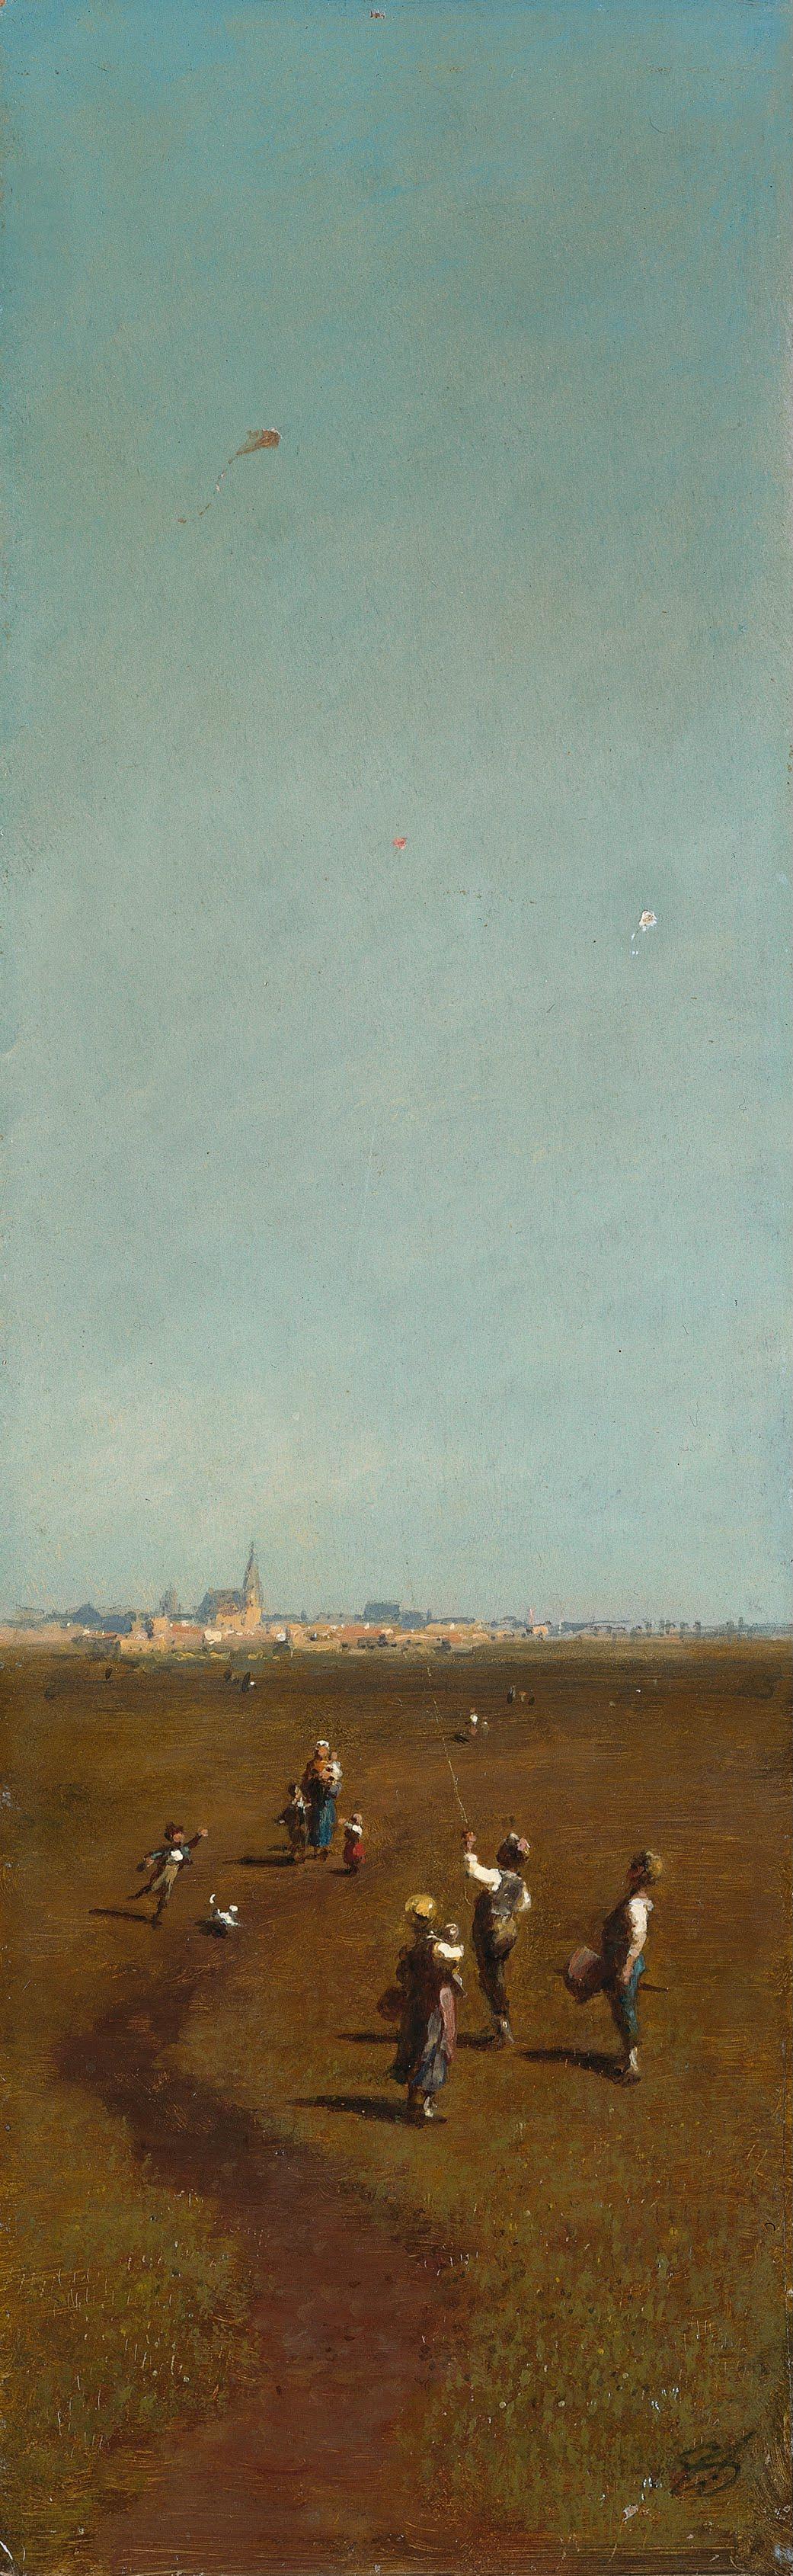 Karl Spitzweg. Kite